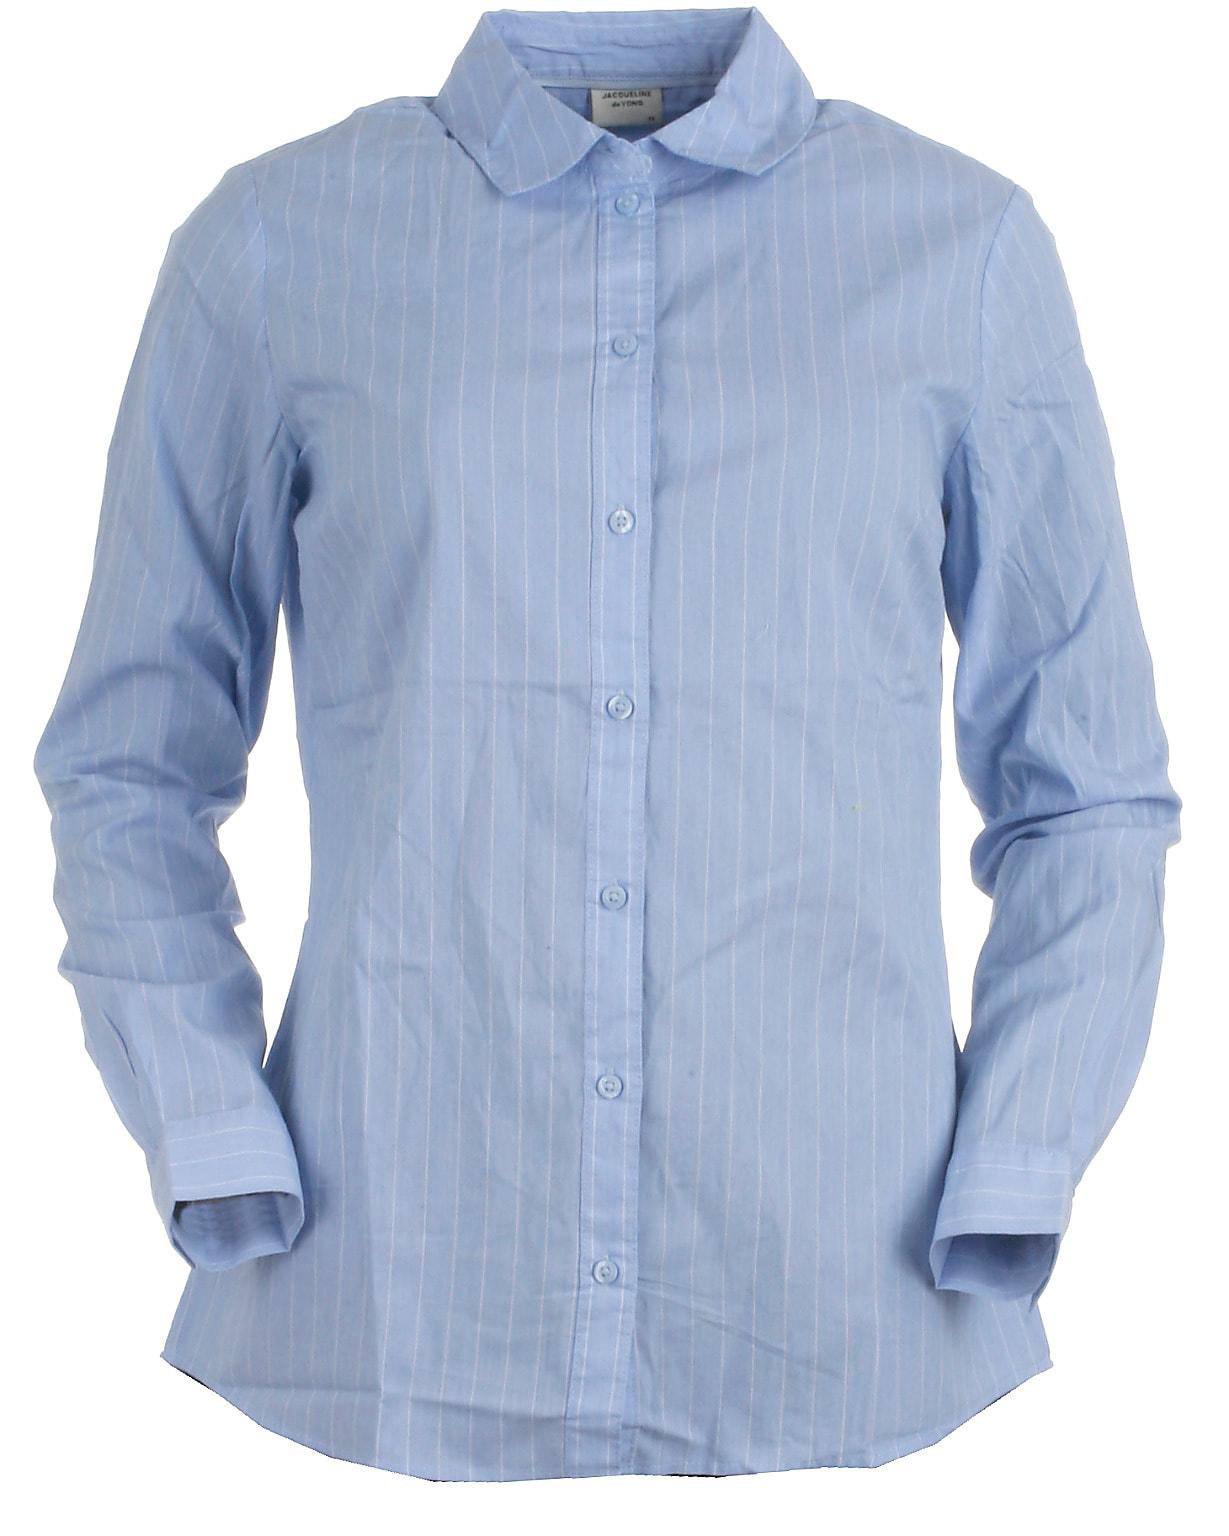 Jacqueline de Yong skjorte l/s, Mio, lyseblå